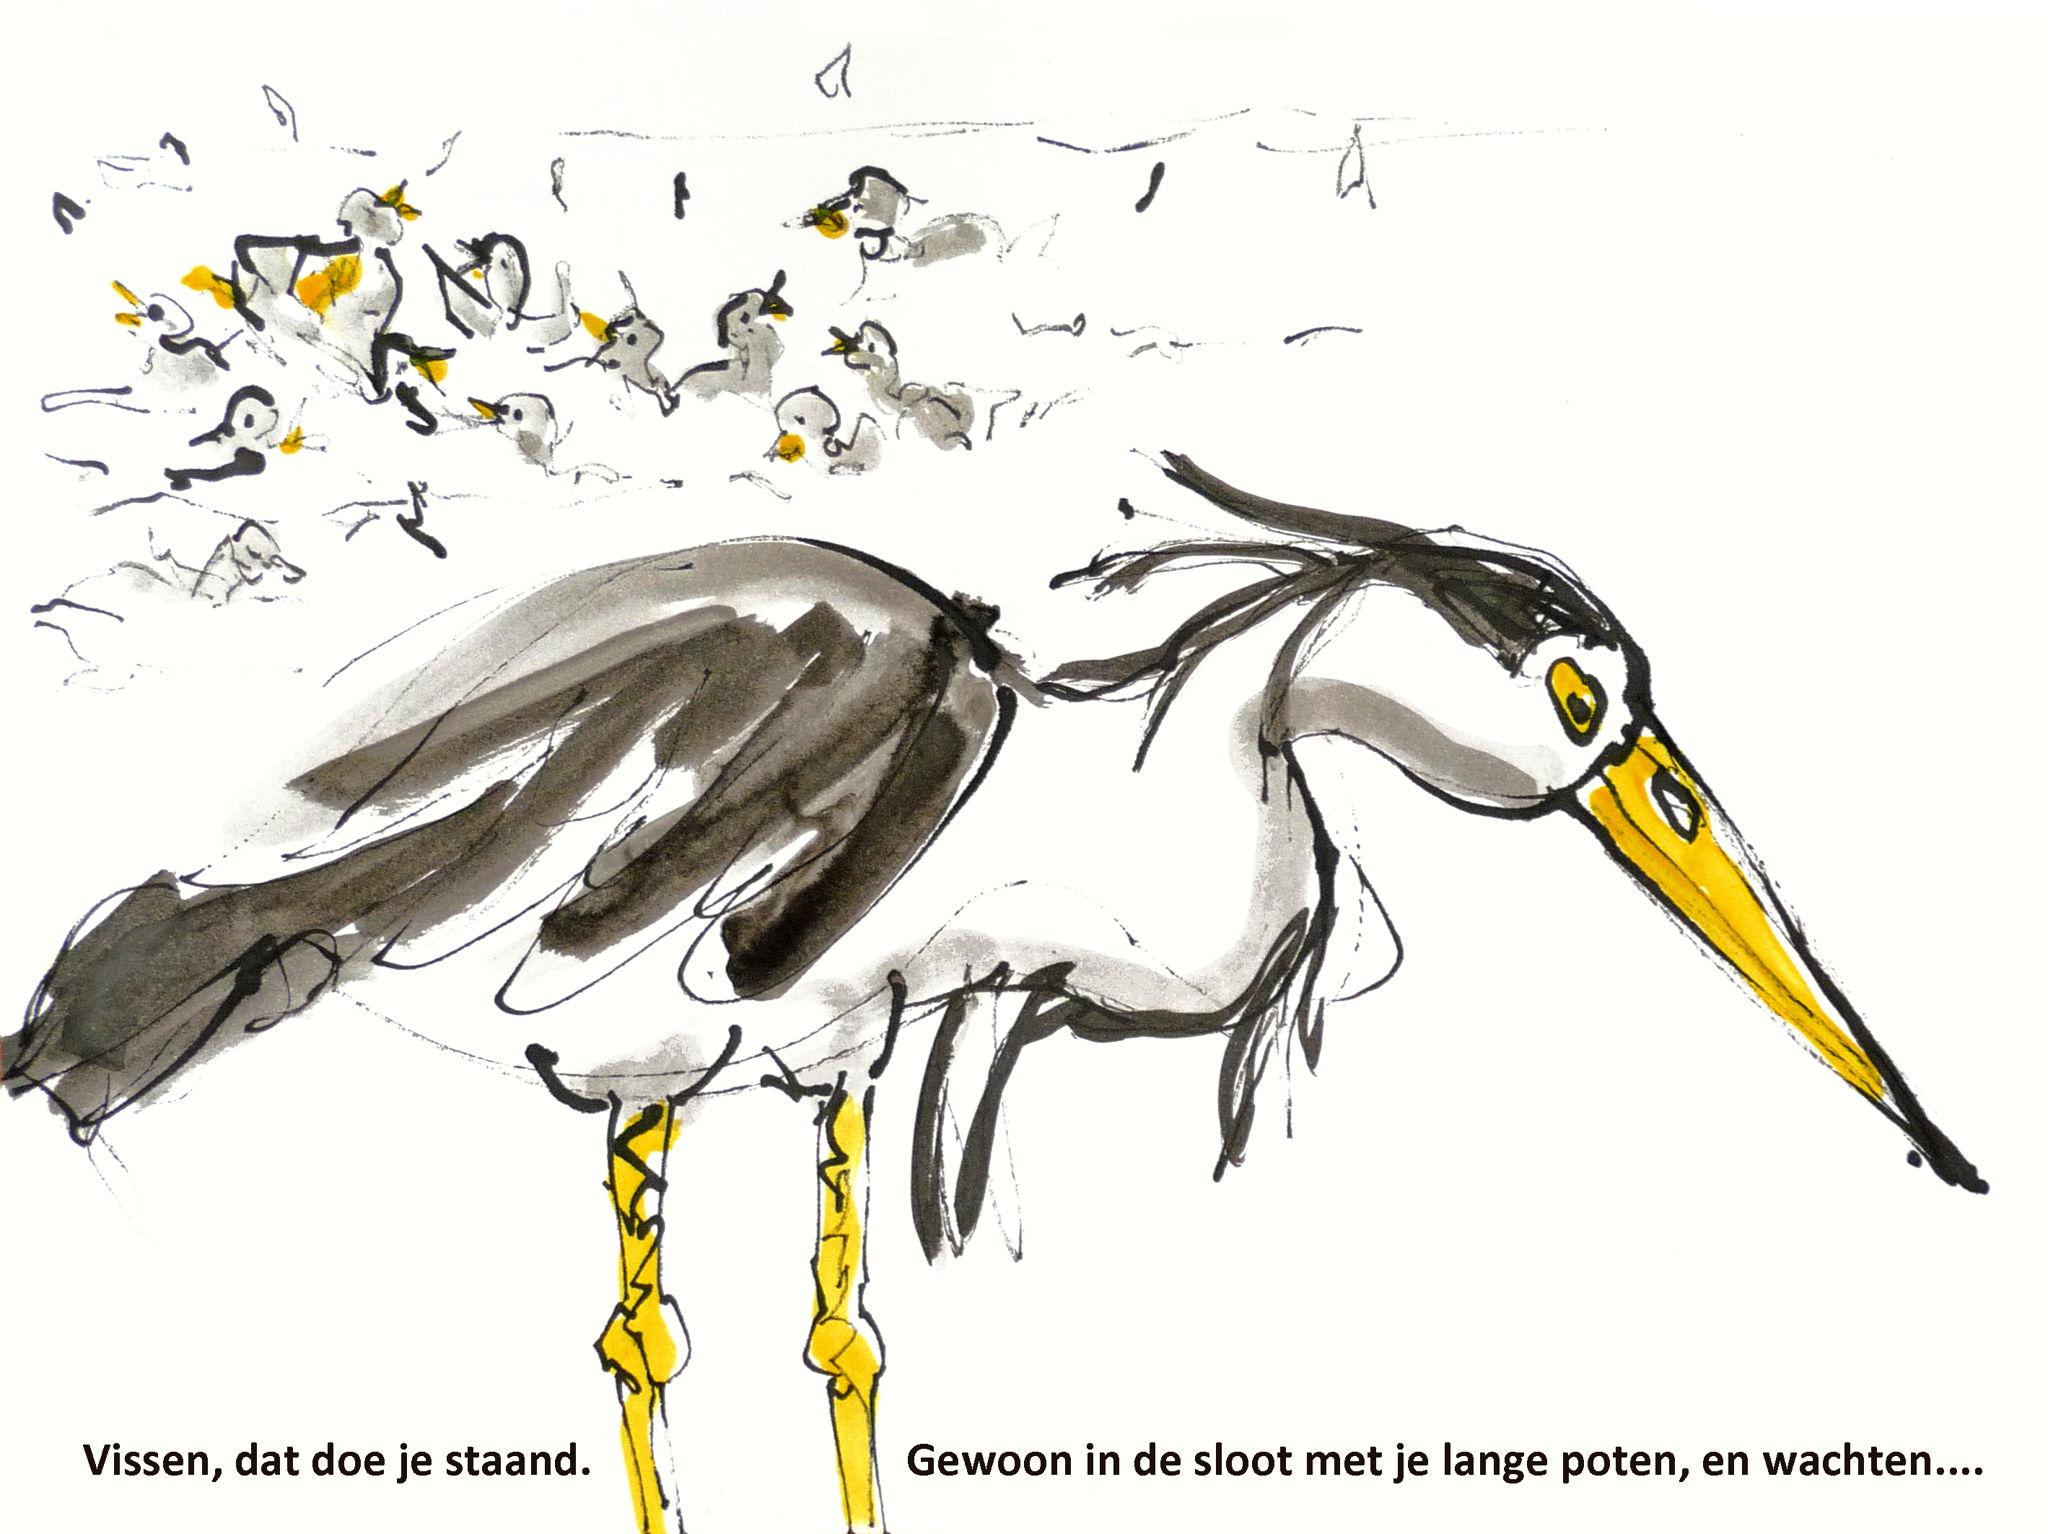 Reiger Jessy wacht op vis - verhaal voor kinderen door Fons Heijnsbroek - illustaties, Wendy Tjalma